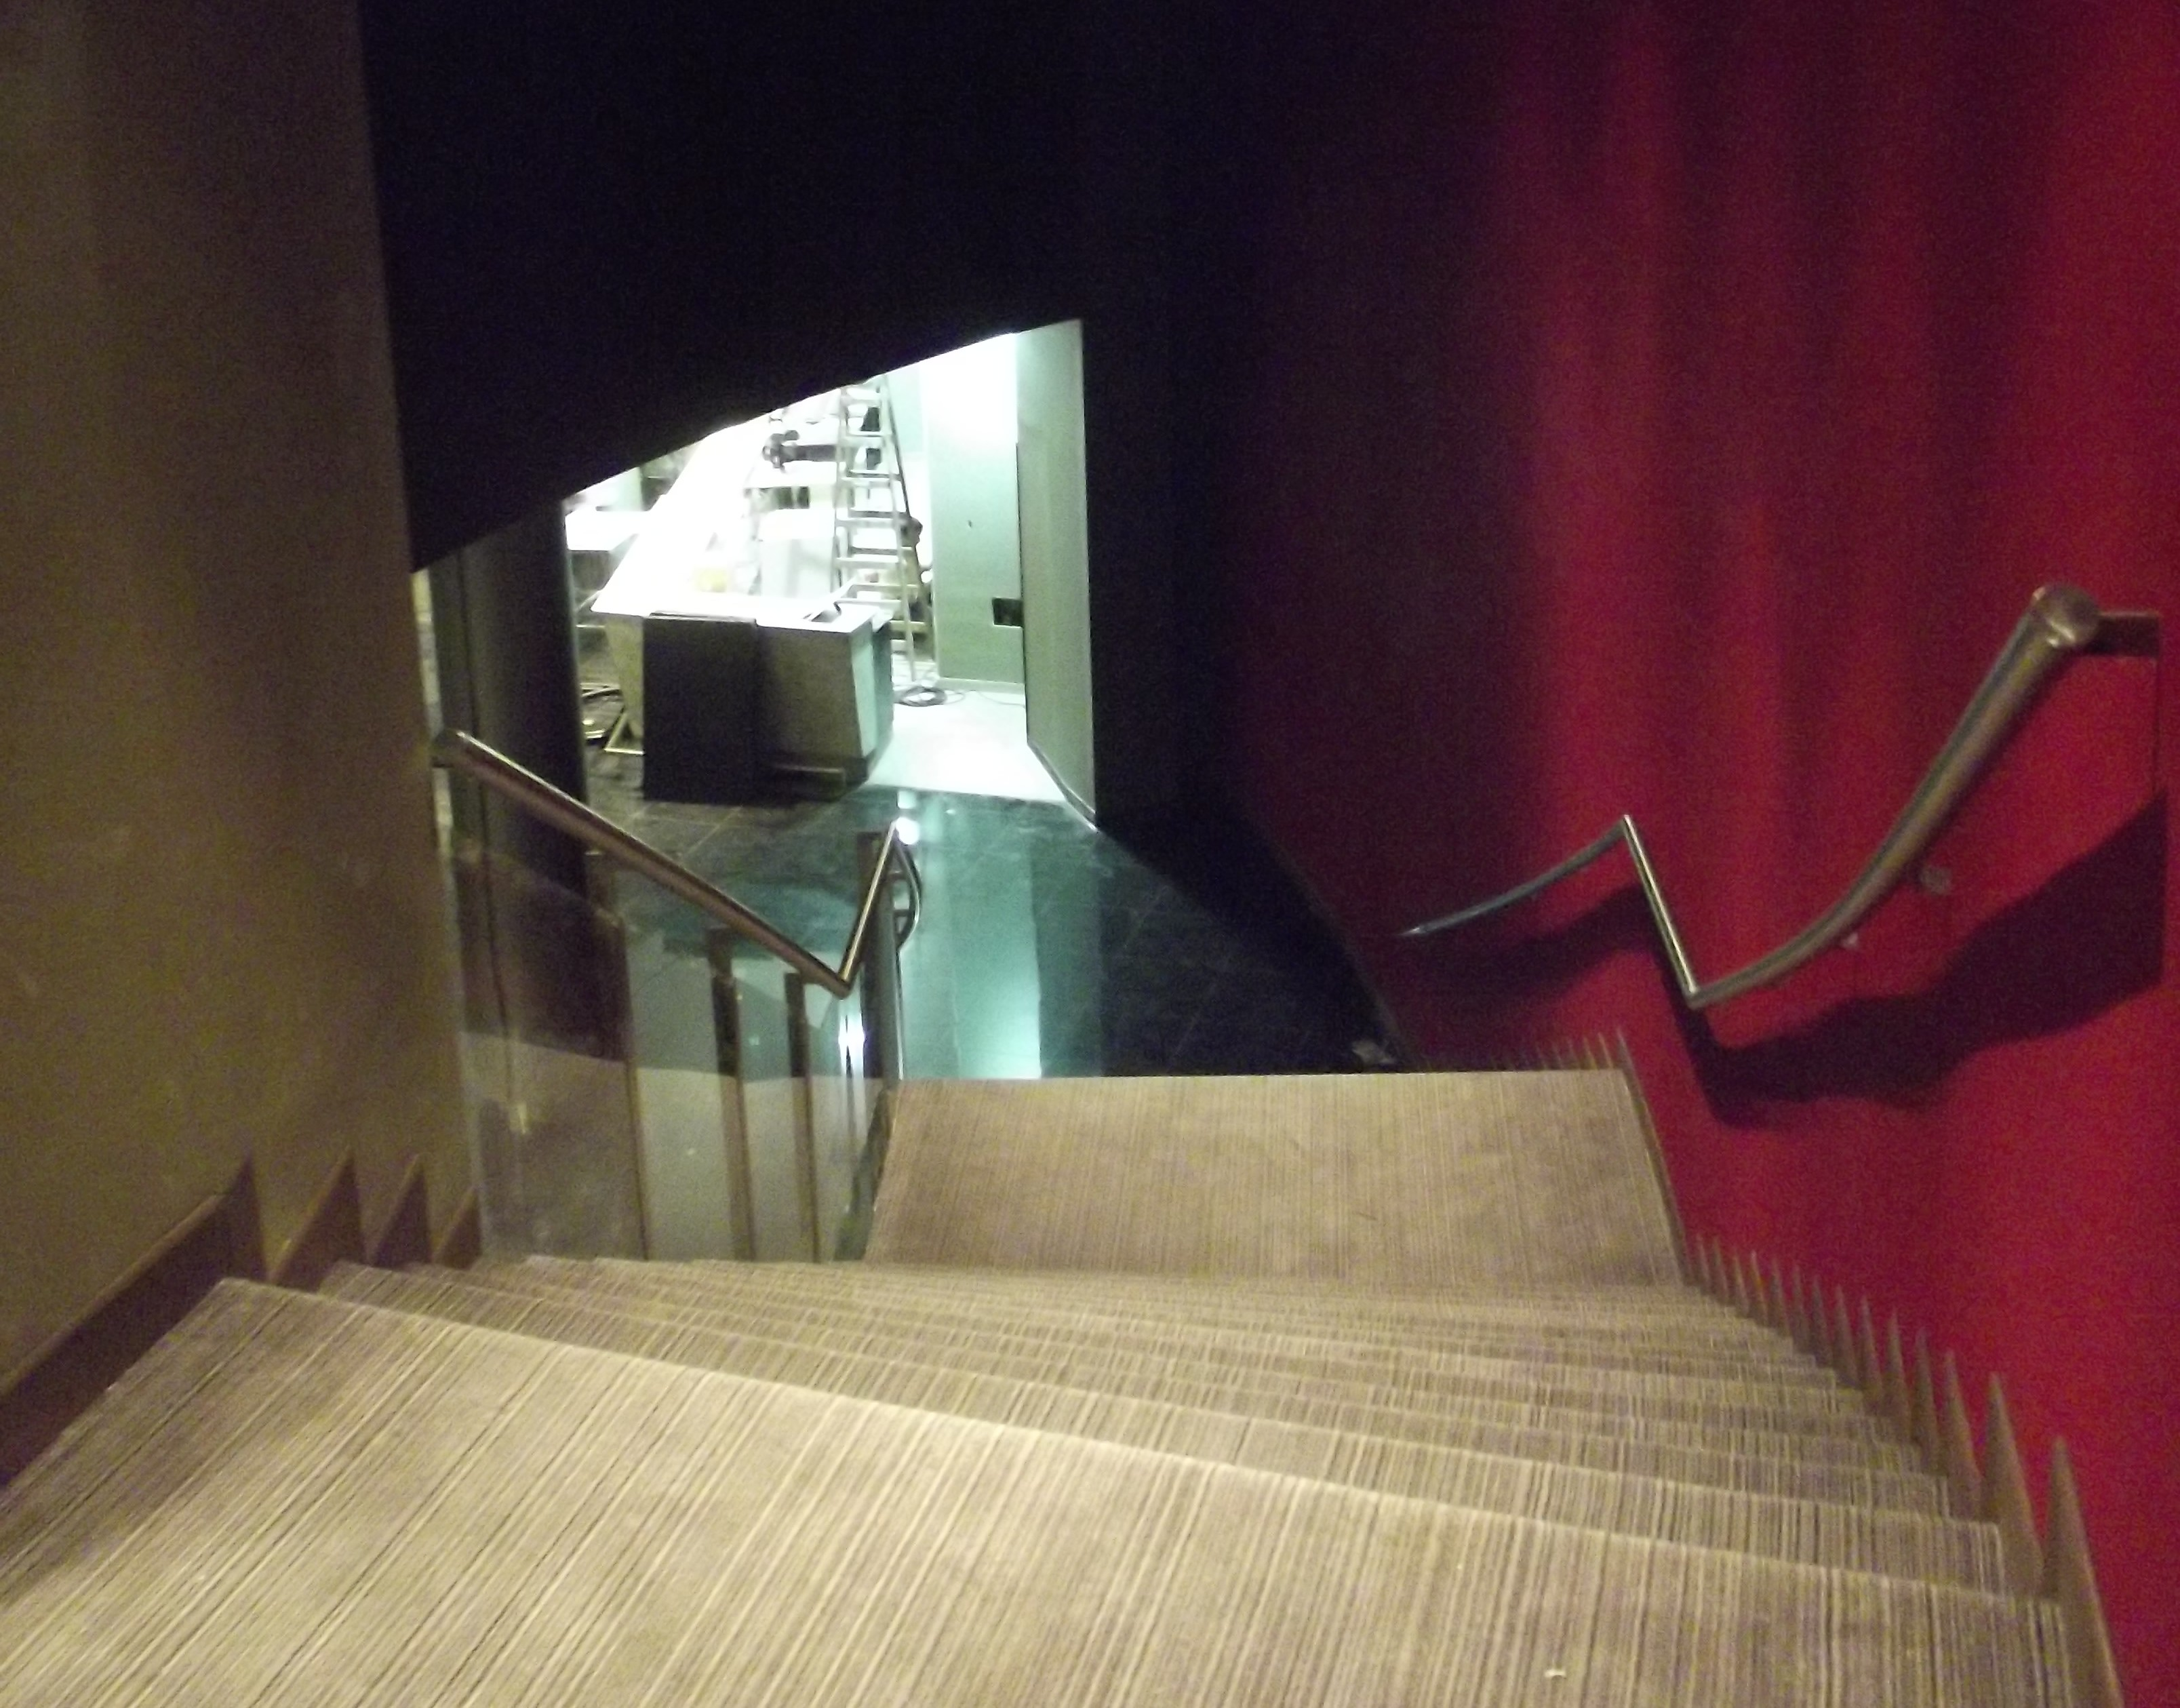 DOBILIA SA Construcciones - Hoyts Unicenter Premium - Escalera Principal